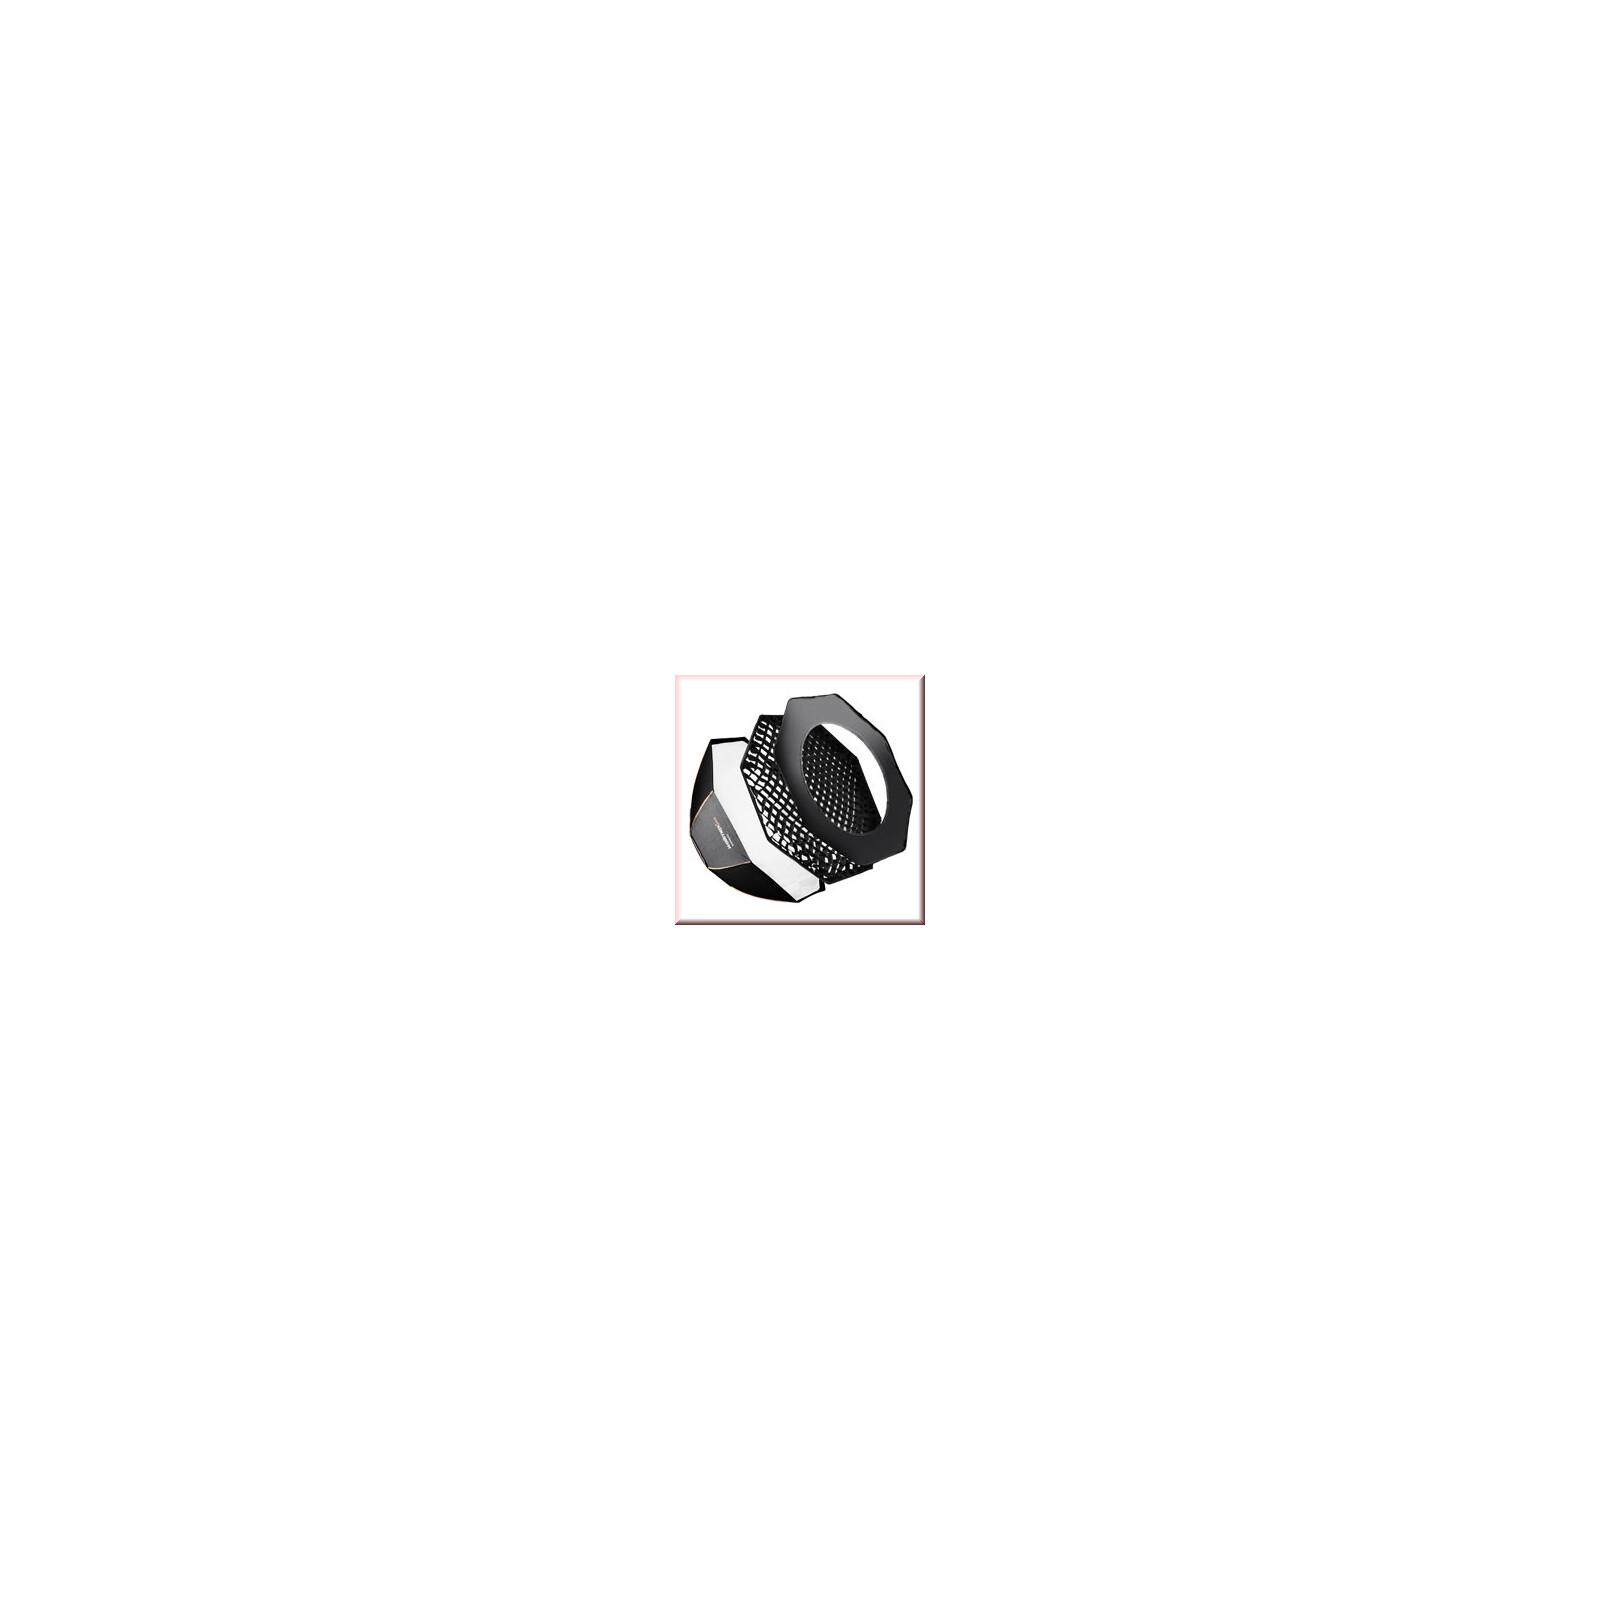 walimex pro Octagon Softbox PLUS OL Ø45 Elinchrom